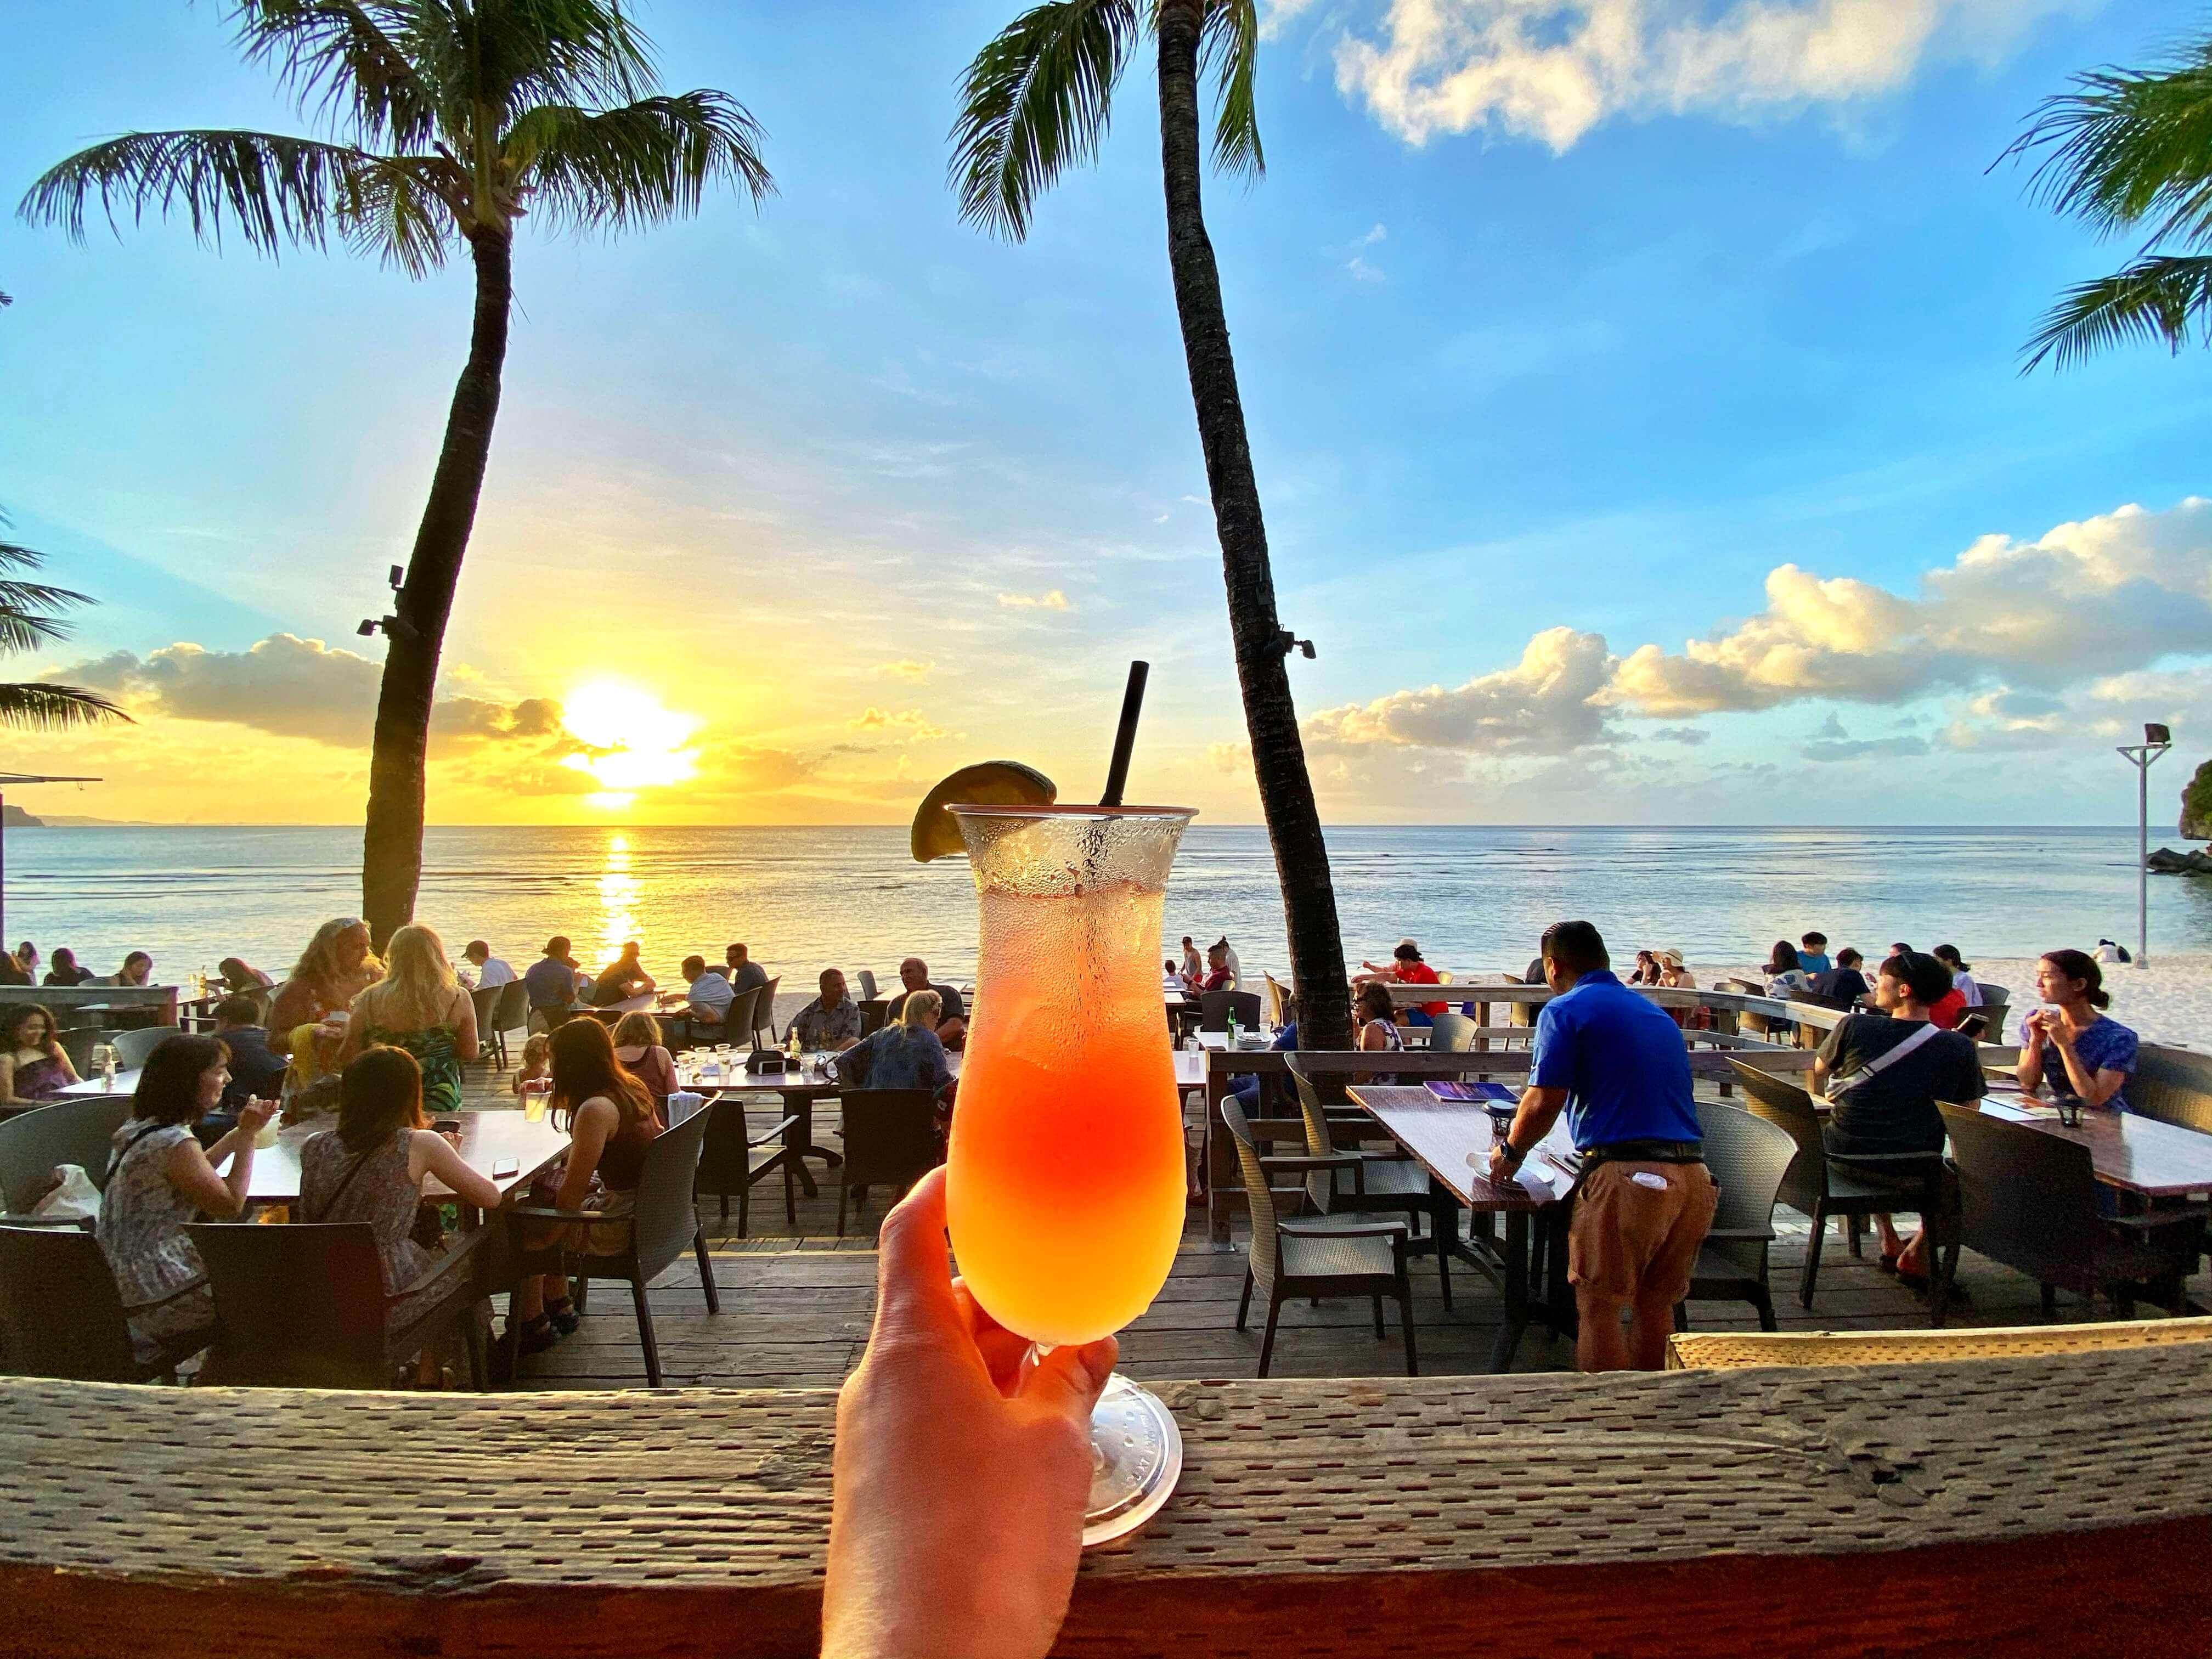 ビーチにグルメにショッピング!グアムでの「やりたいことリスト」を叶える3泊4日の旅のレシピ